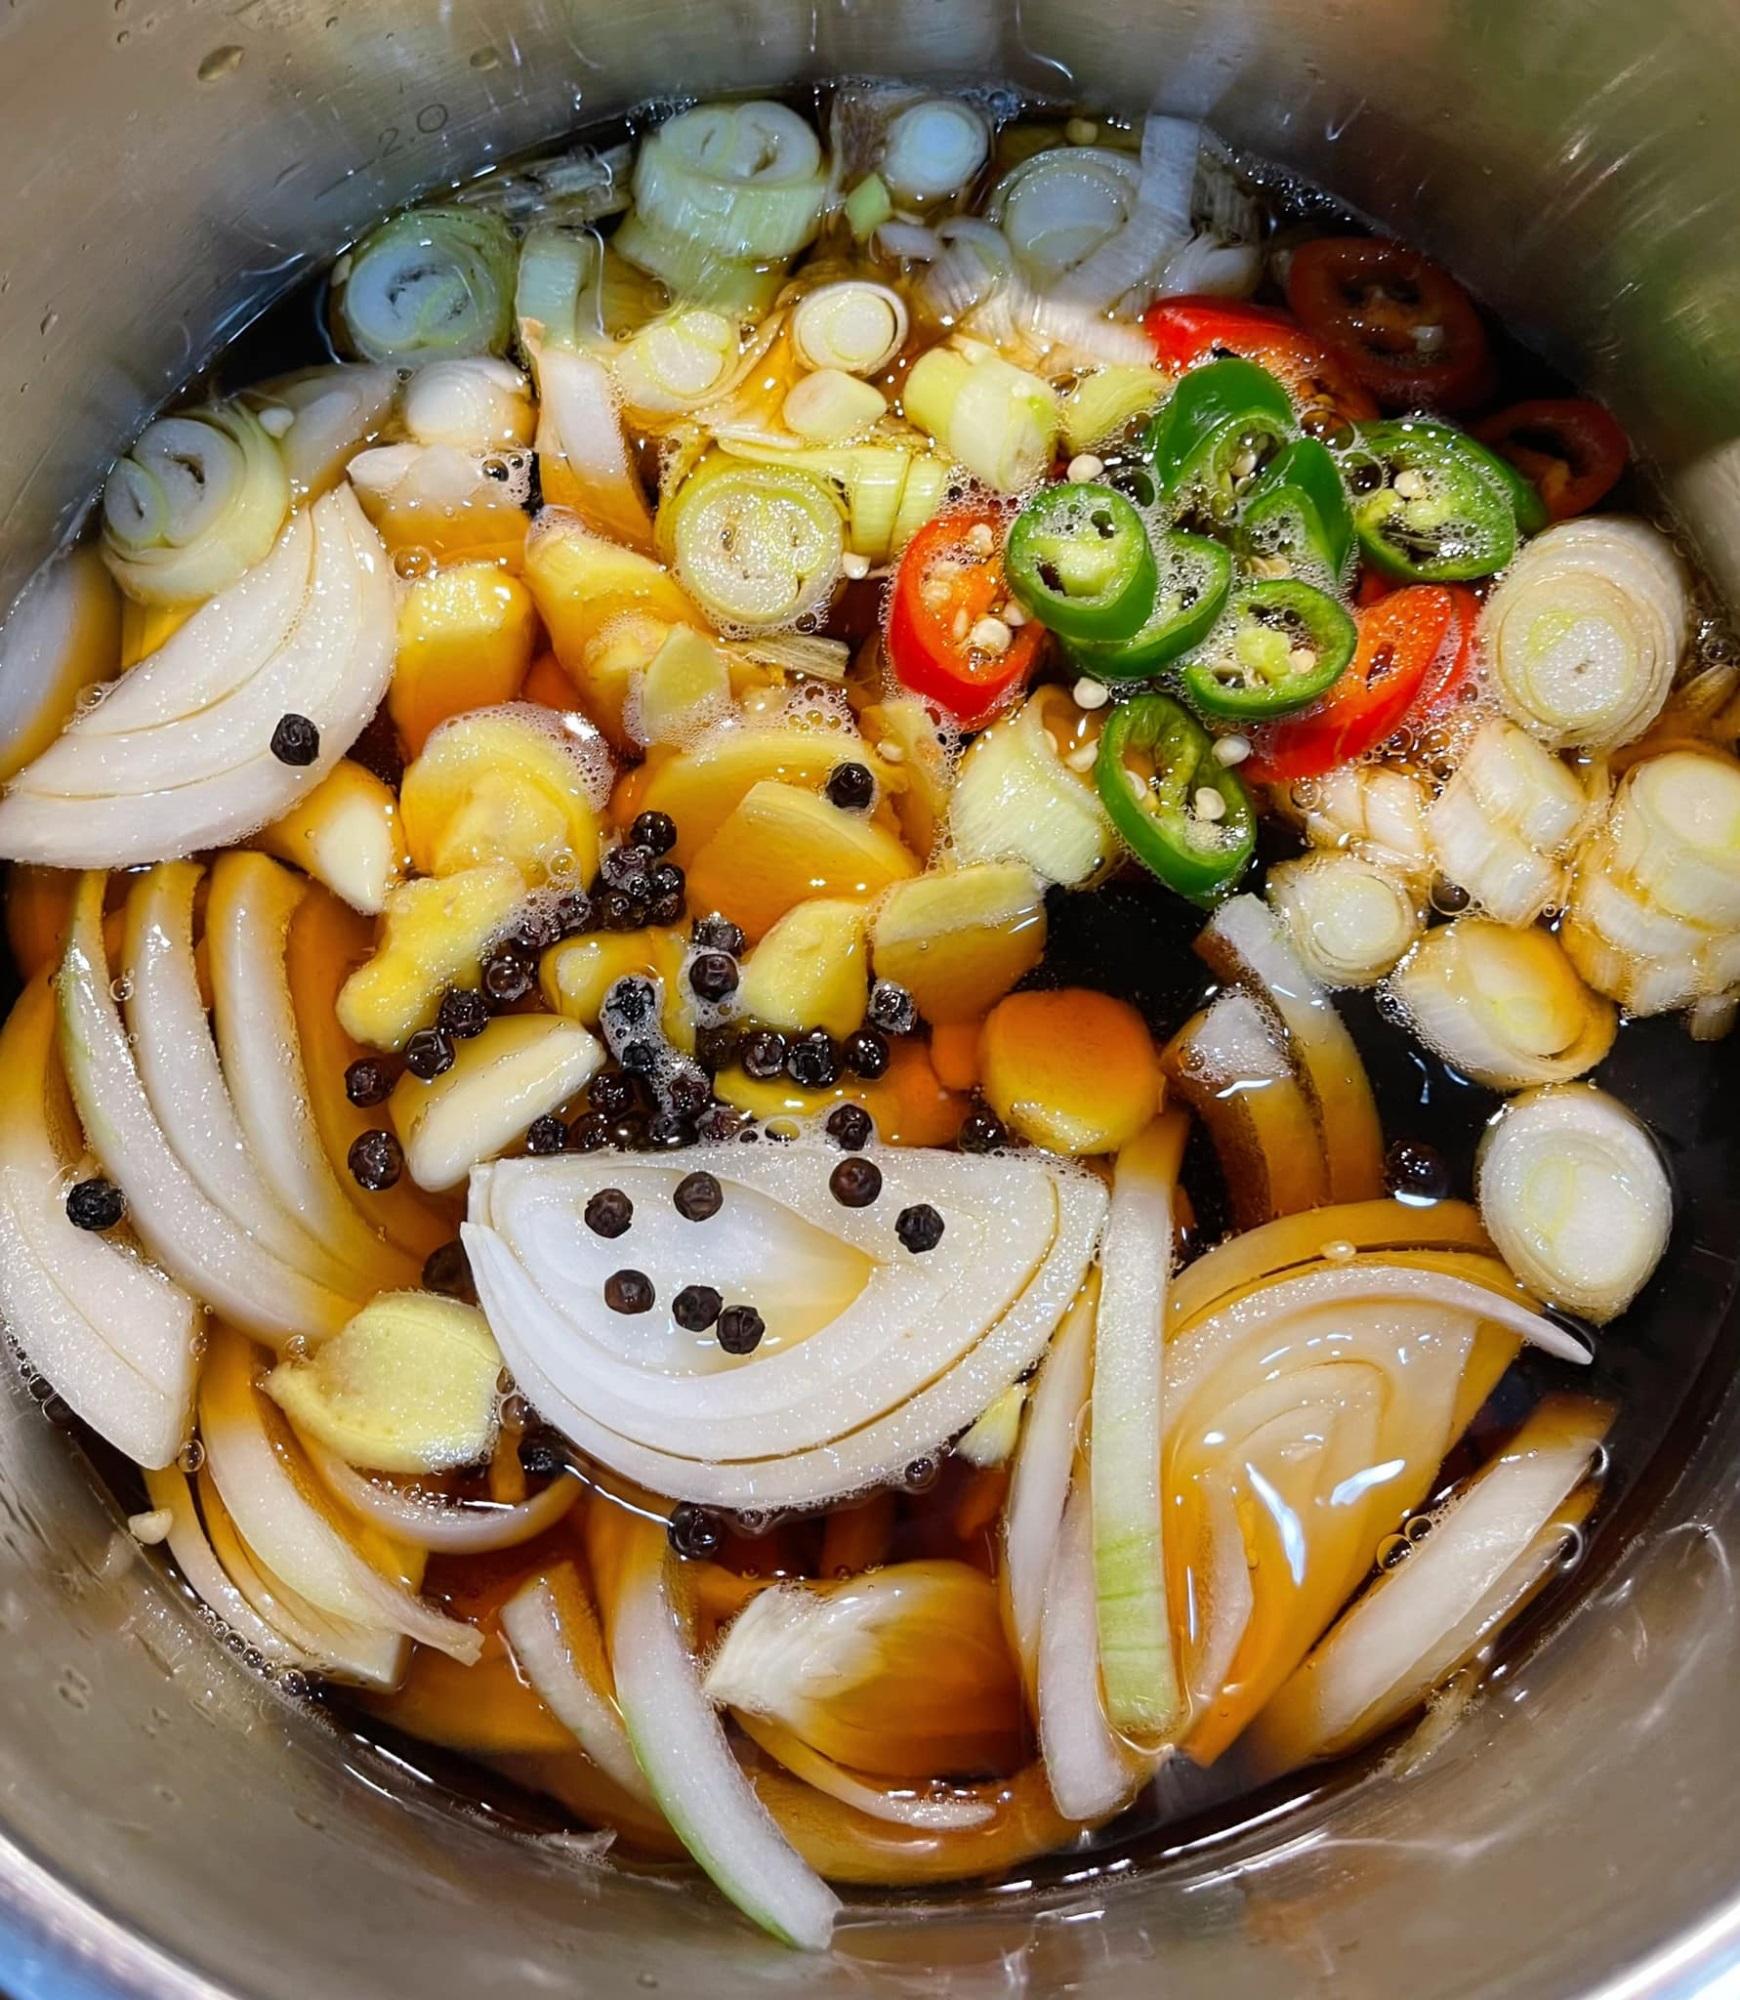 Cách làm cá hồi ngâm tương đậm vị, đưa cơm - ăn một miếng 'tay chân quắn quéo' vì quá ngon - Ảnh 2